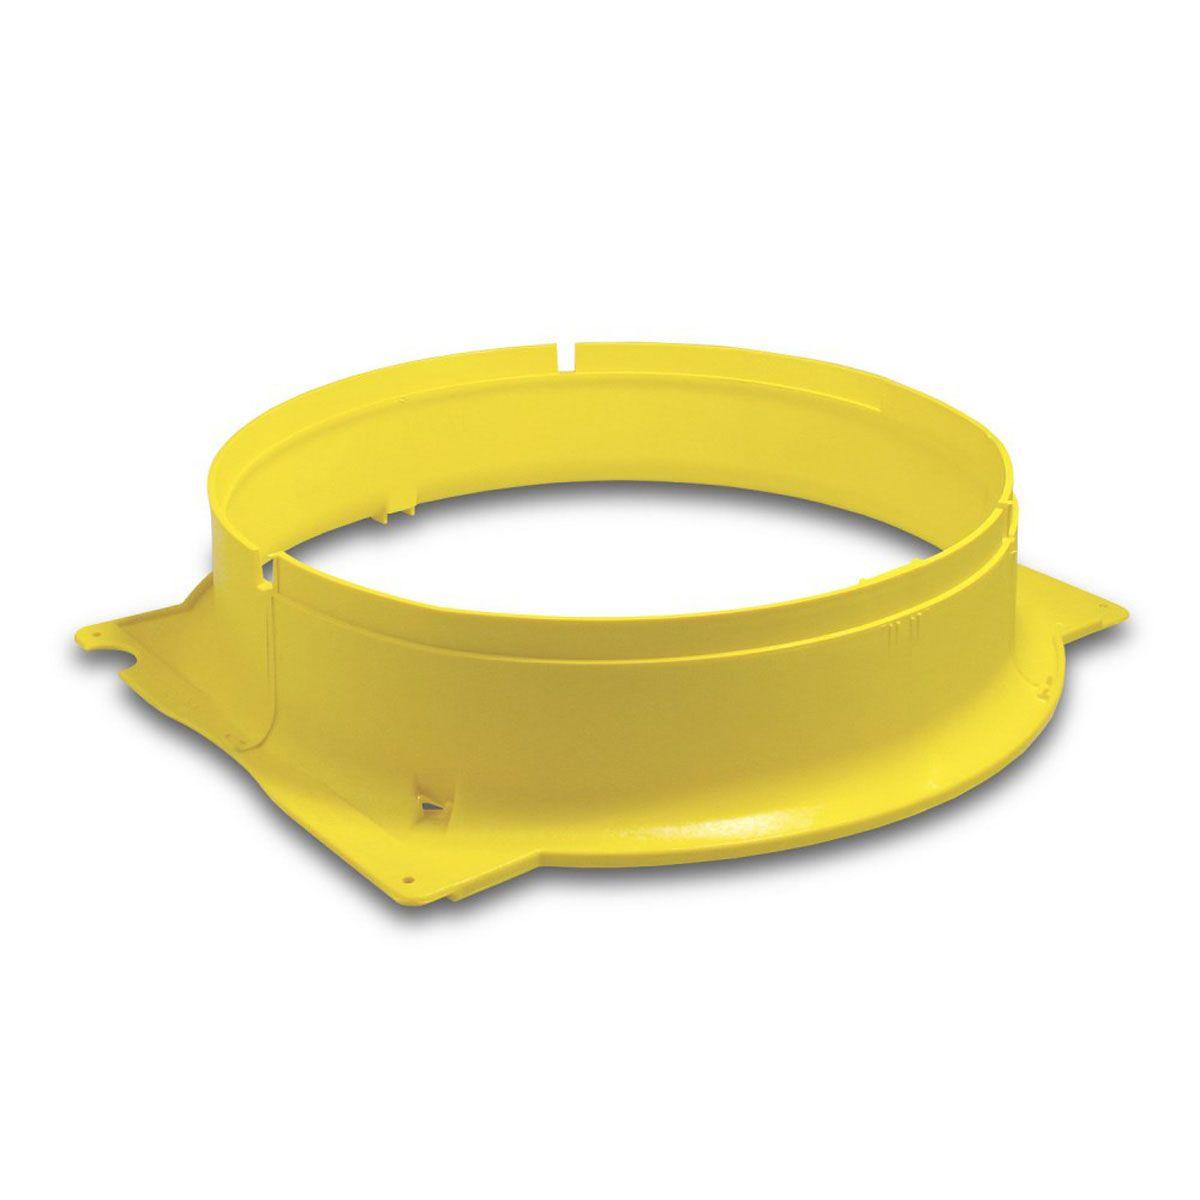 Vorsatzstück, zu TTV 7000, gelb, D 550 mm